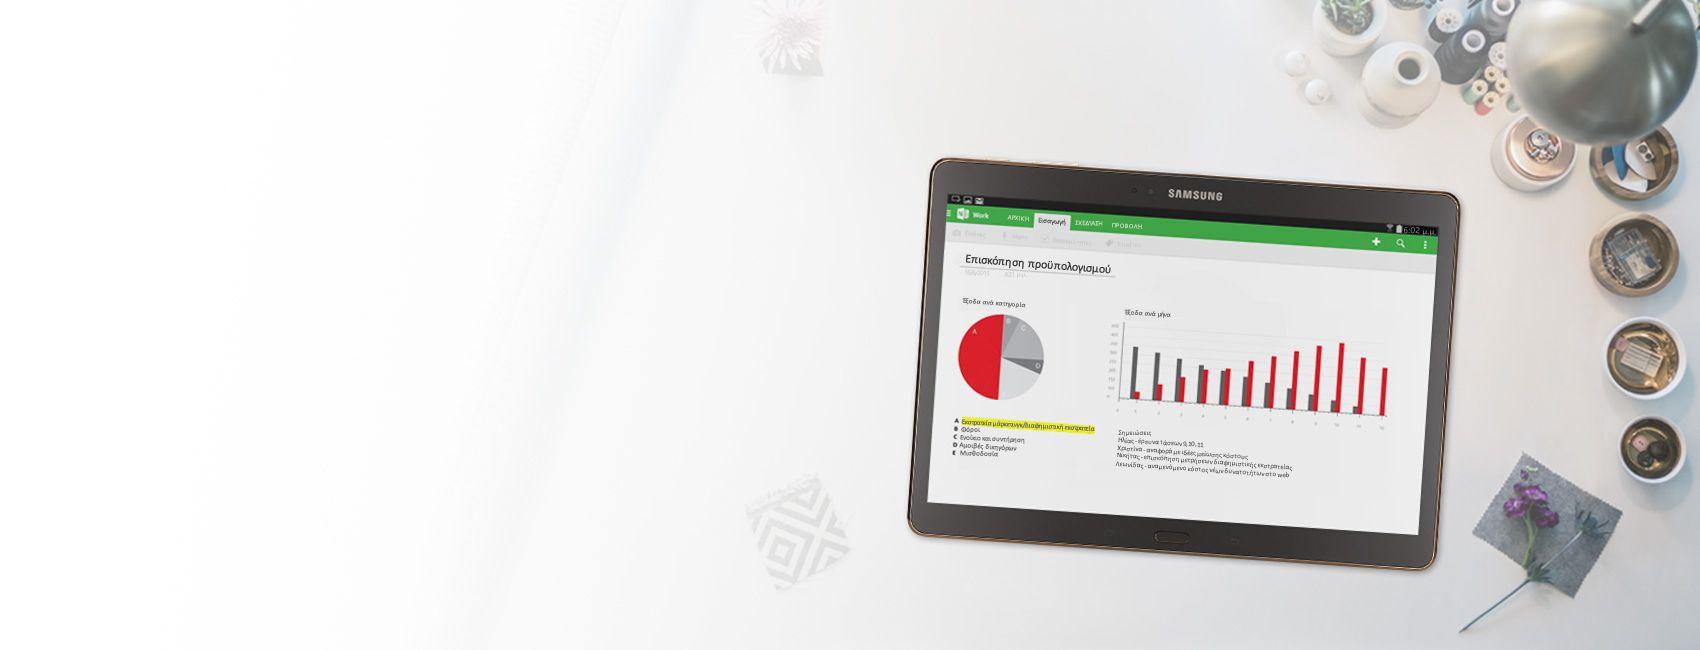 Ένα tablet που εμφανίζει διαγράμματα και γραφήματα επισκόπησης προϋπολογισμού σε ένα σημειωματάριο του OneNote